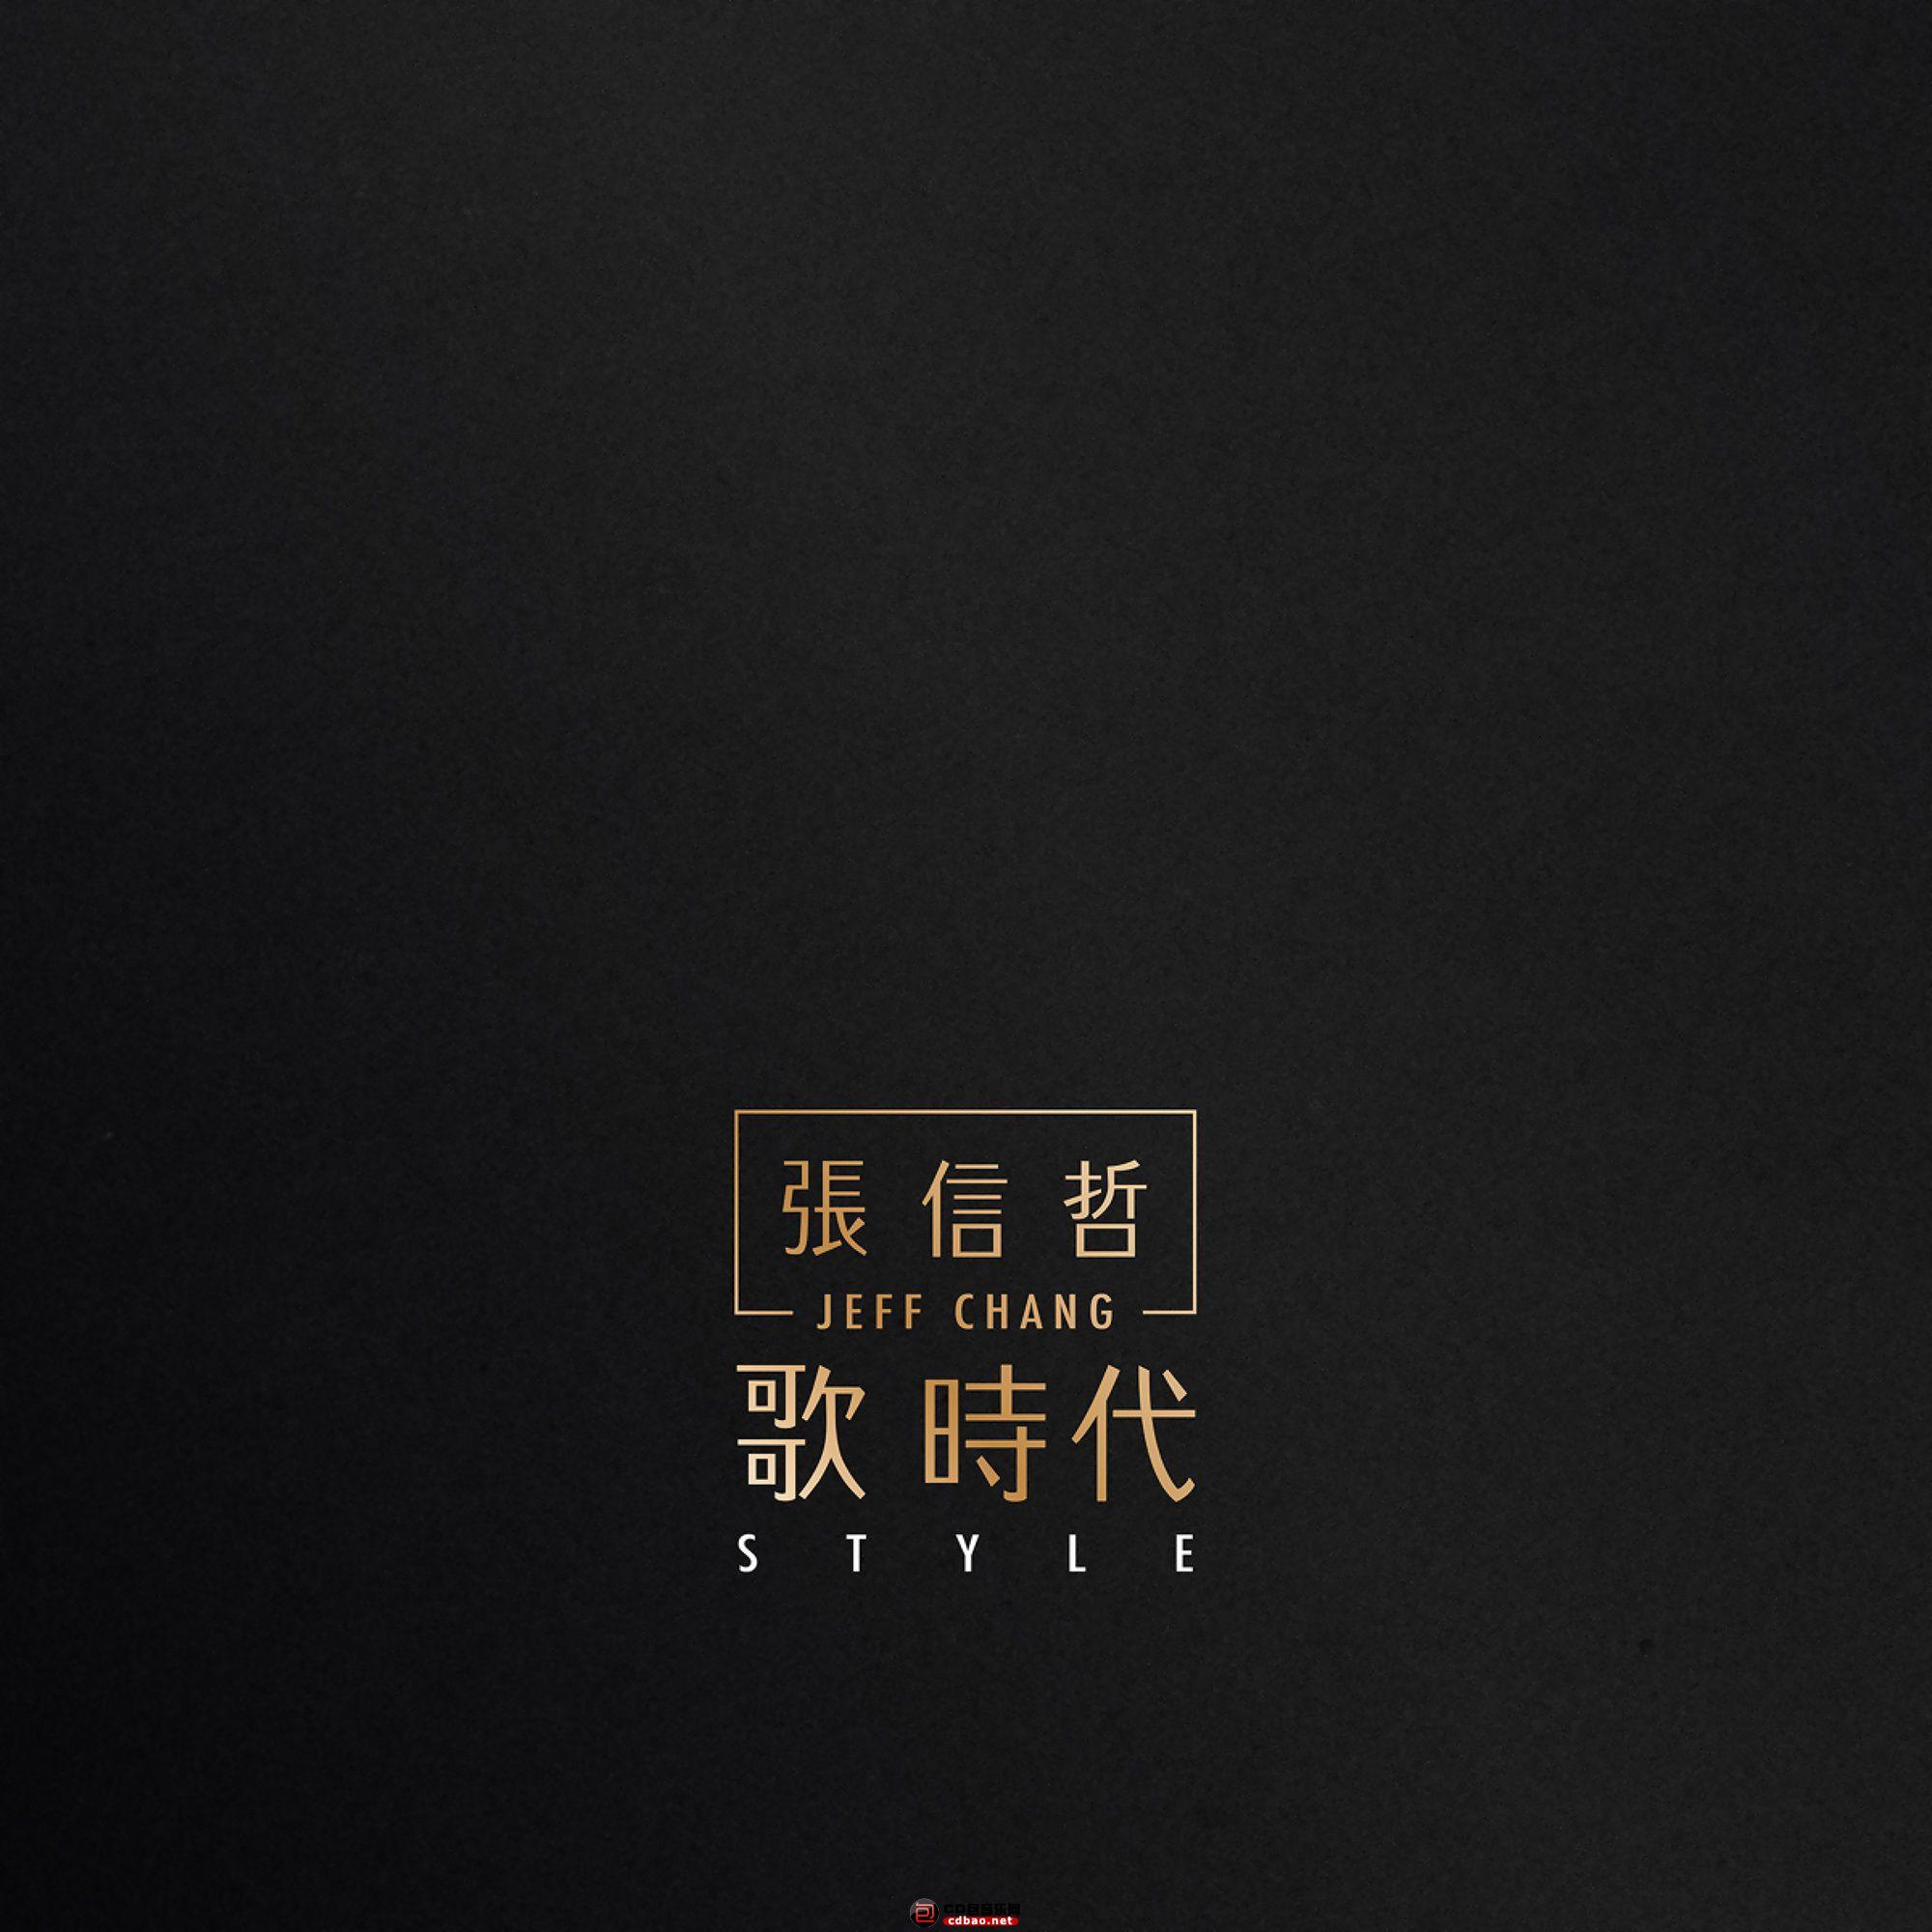 张信哲专辑《歌 时代》封面.jpg